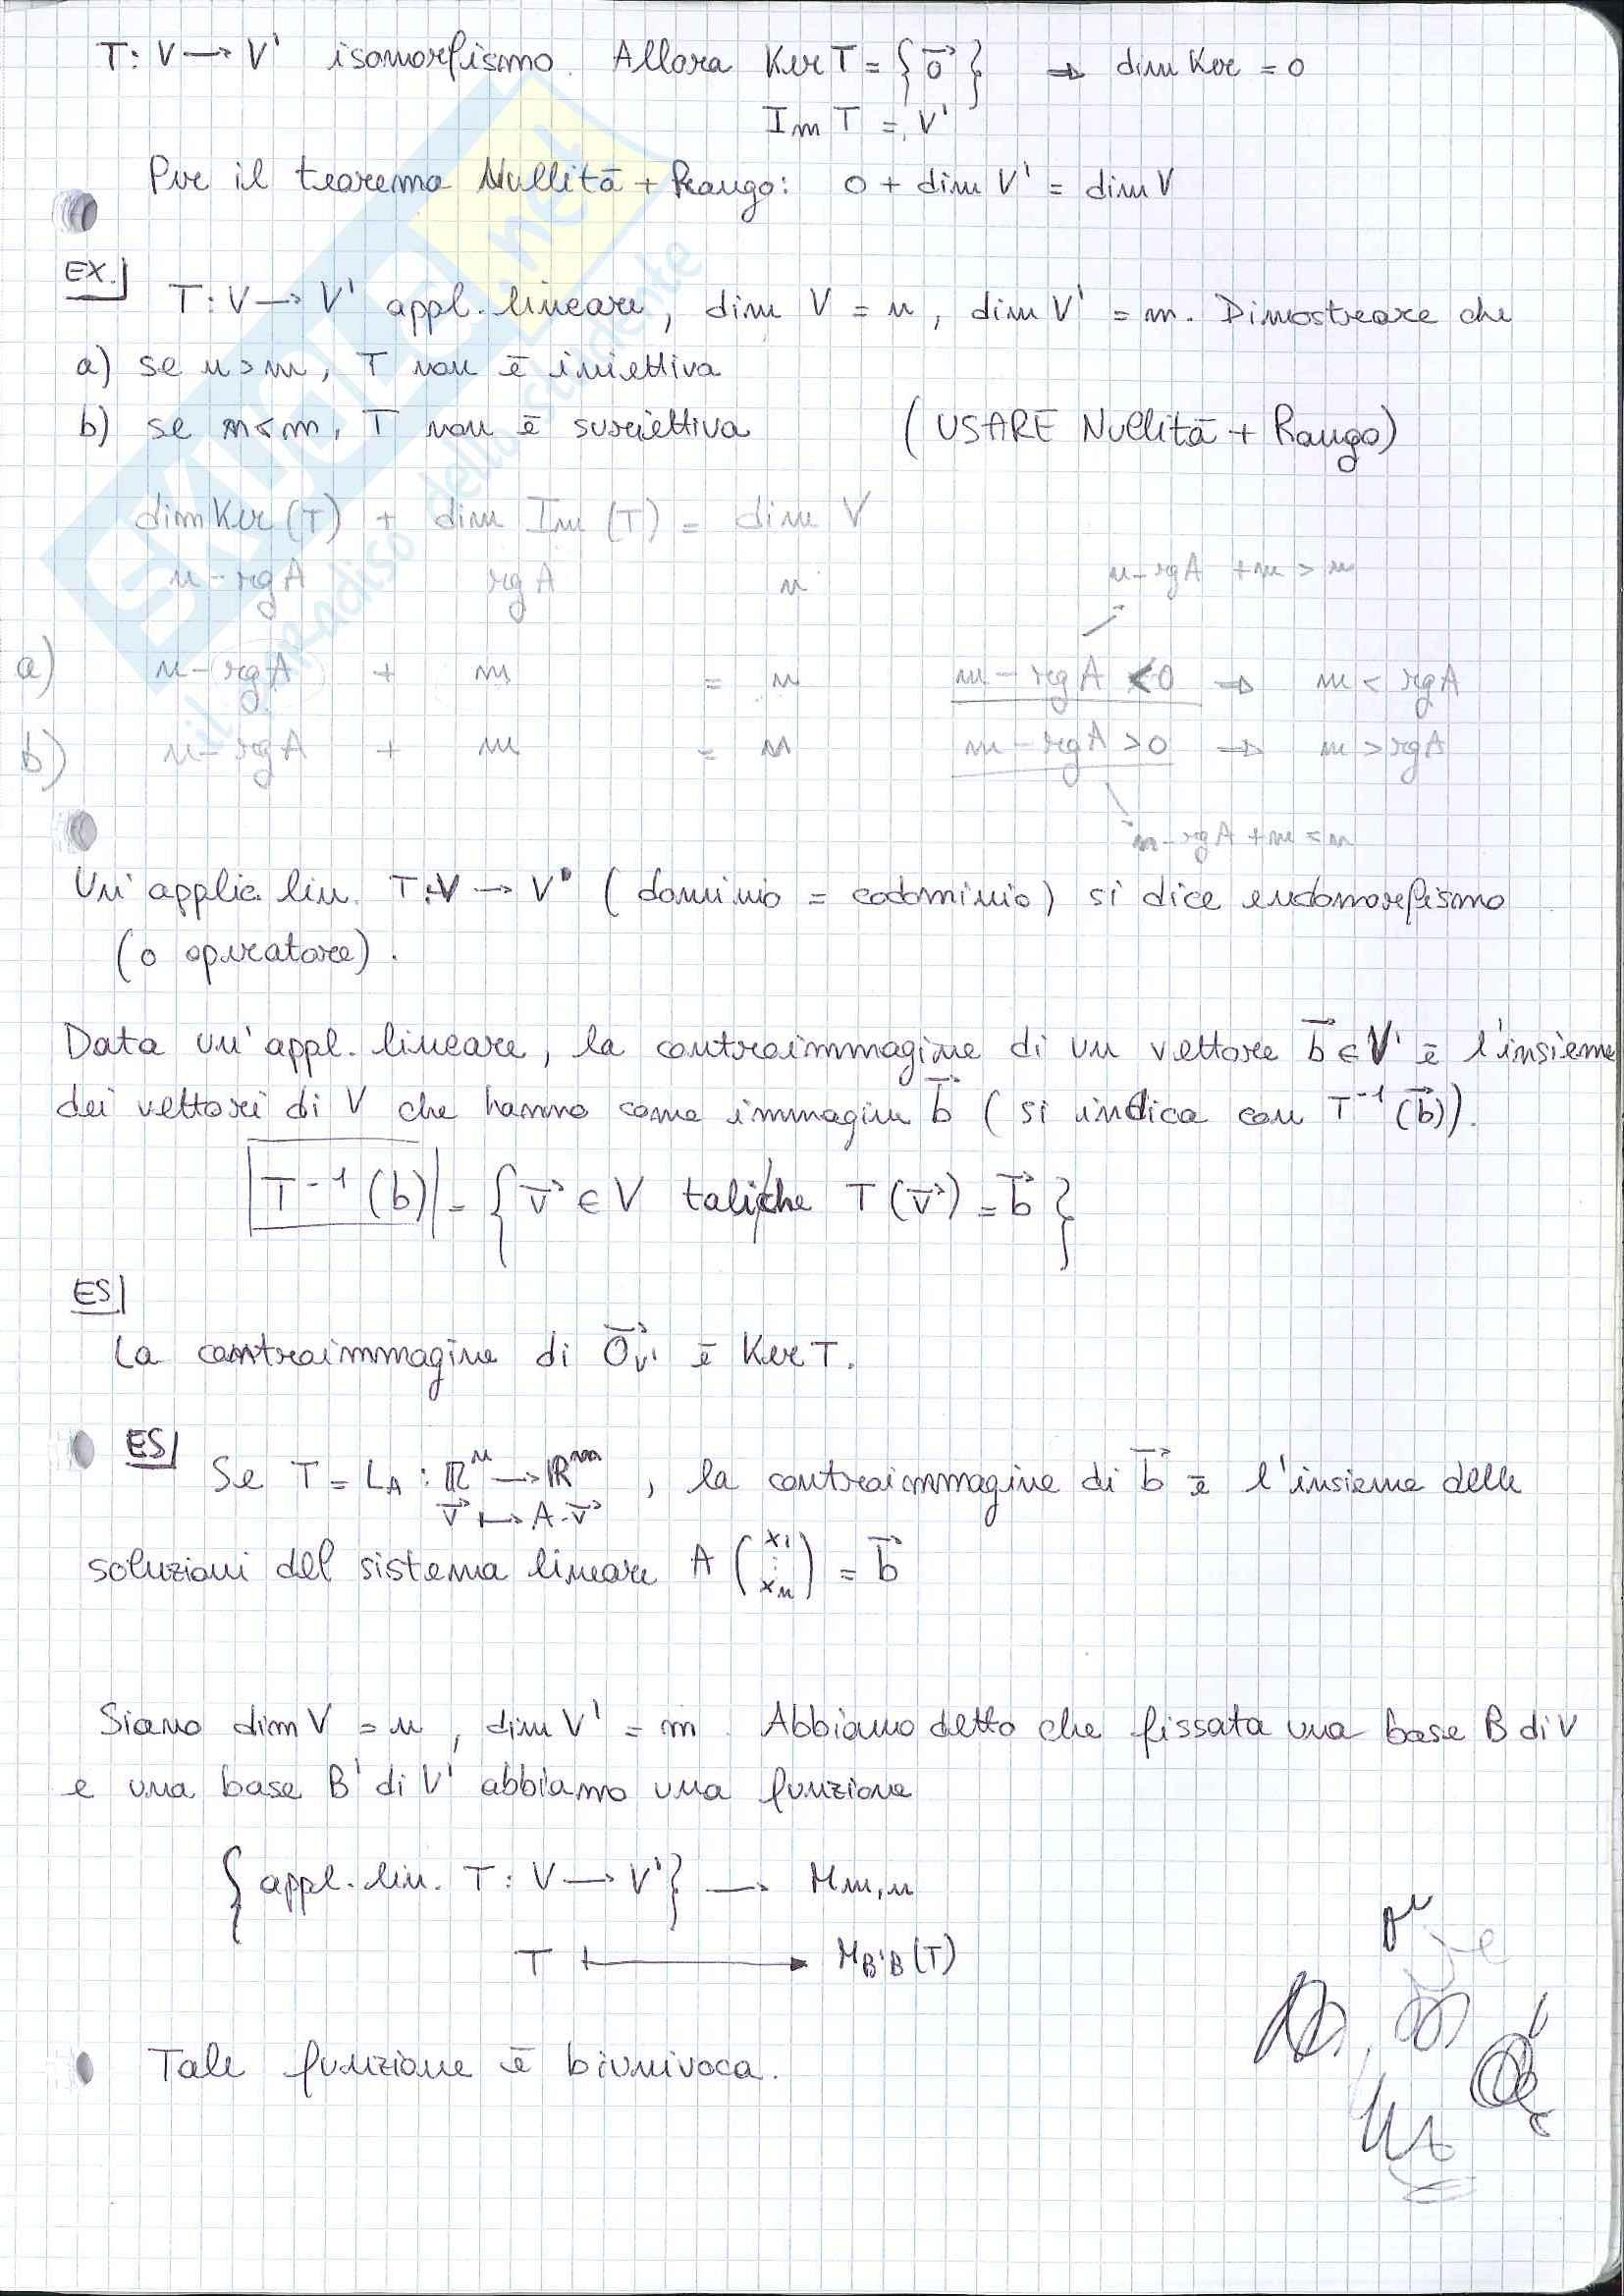 Geometria - seconda parte del programma